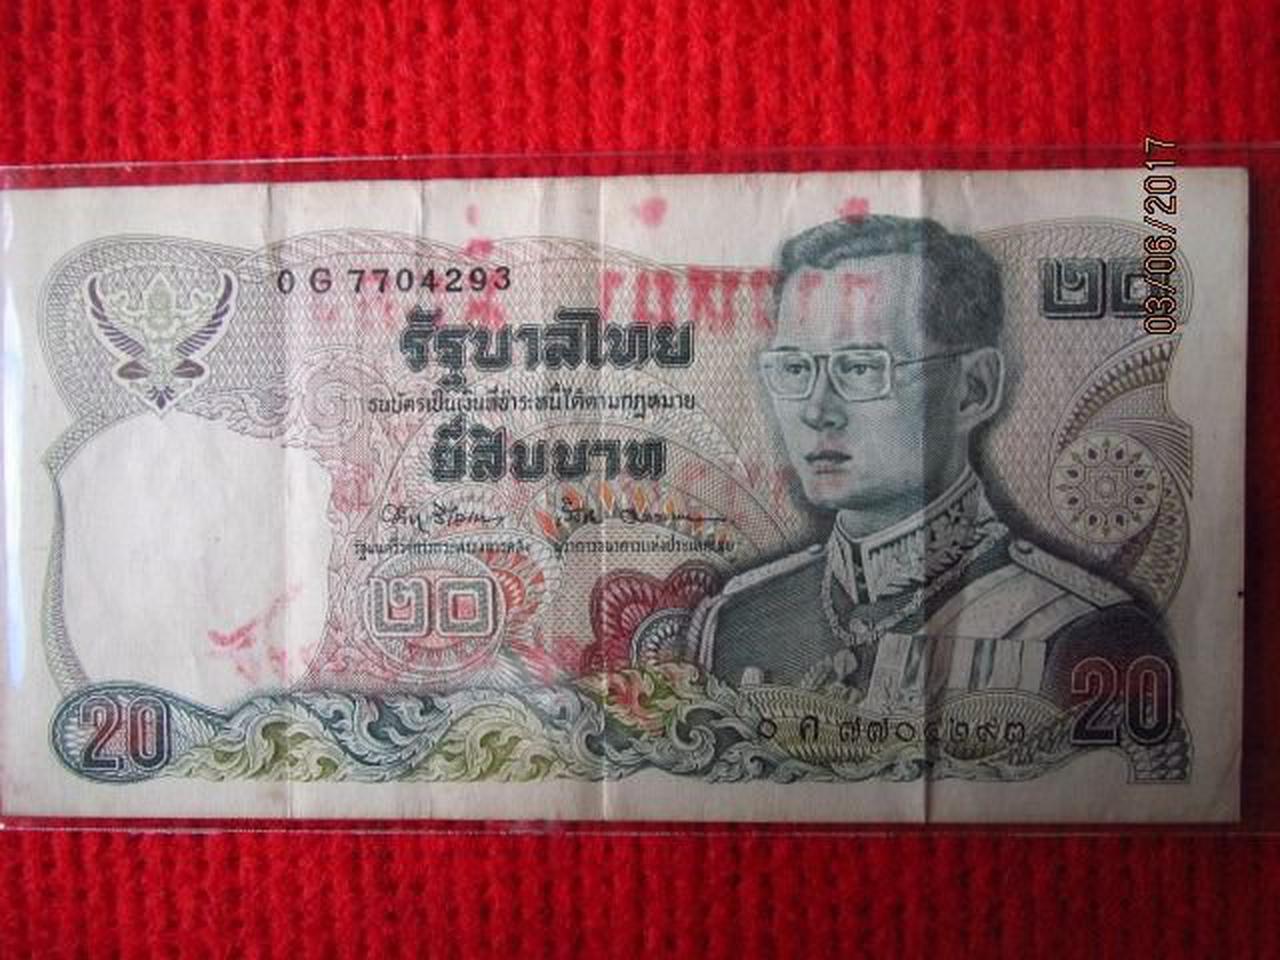 4403 ธนบัตรเก่าแบบที่ 12 รัชกาลที่ 9 ราคา 20 บาท หลวงพ่อคูณ  รูปที่ 2